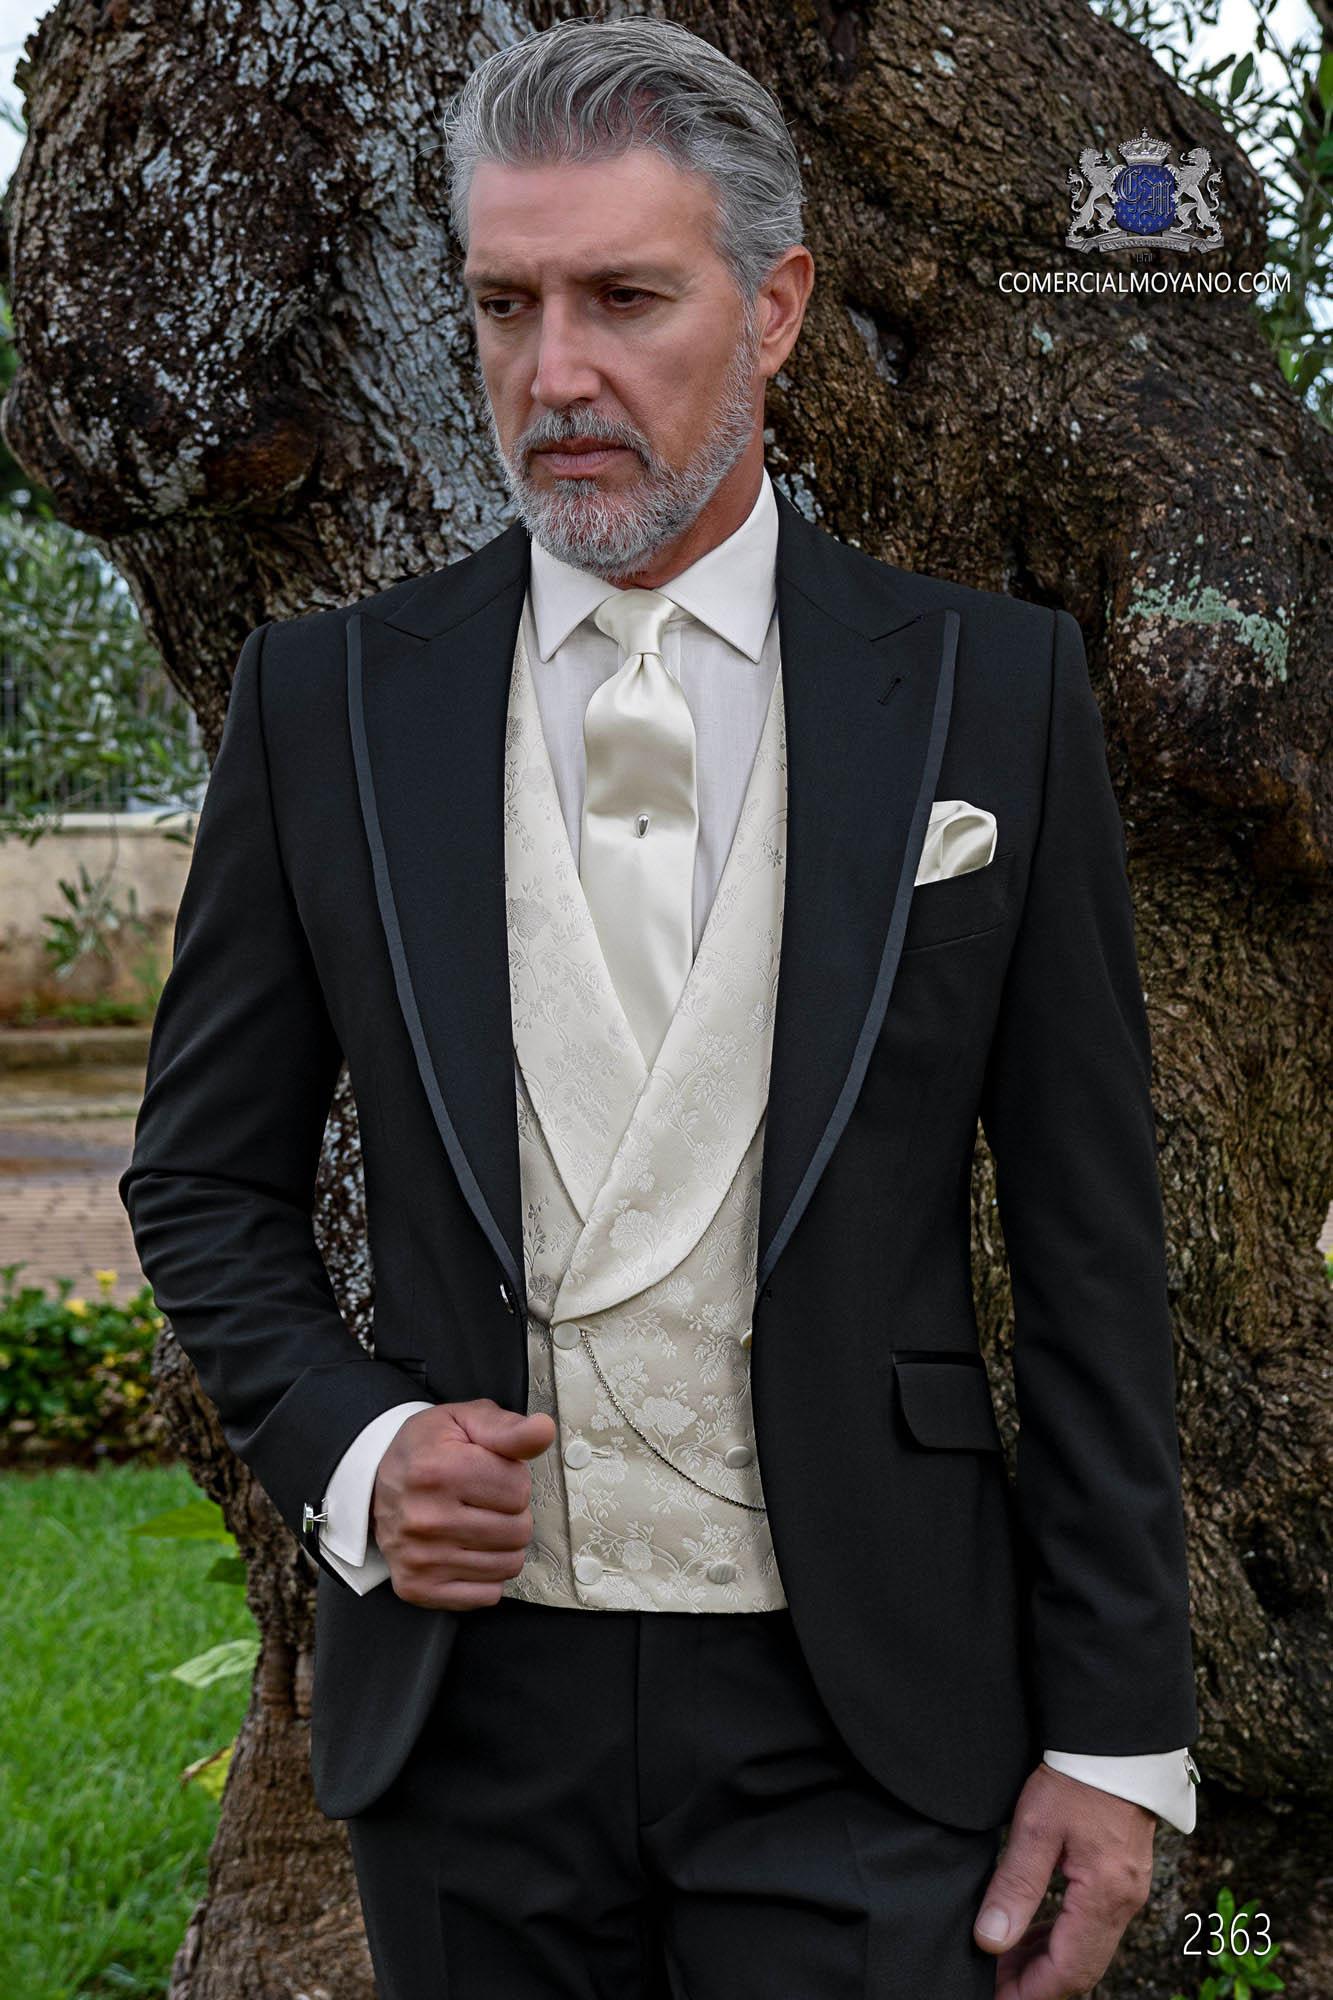 4969f875da0e4f Italian fashion wedding suits in black Ottavio Nuccio 2363